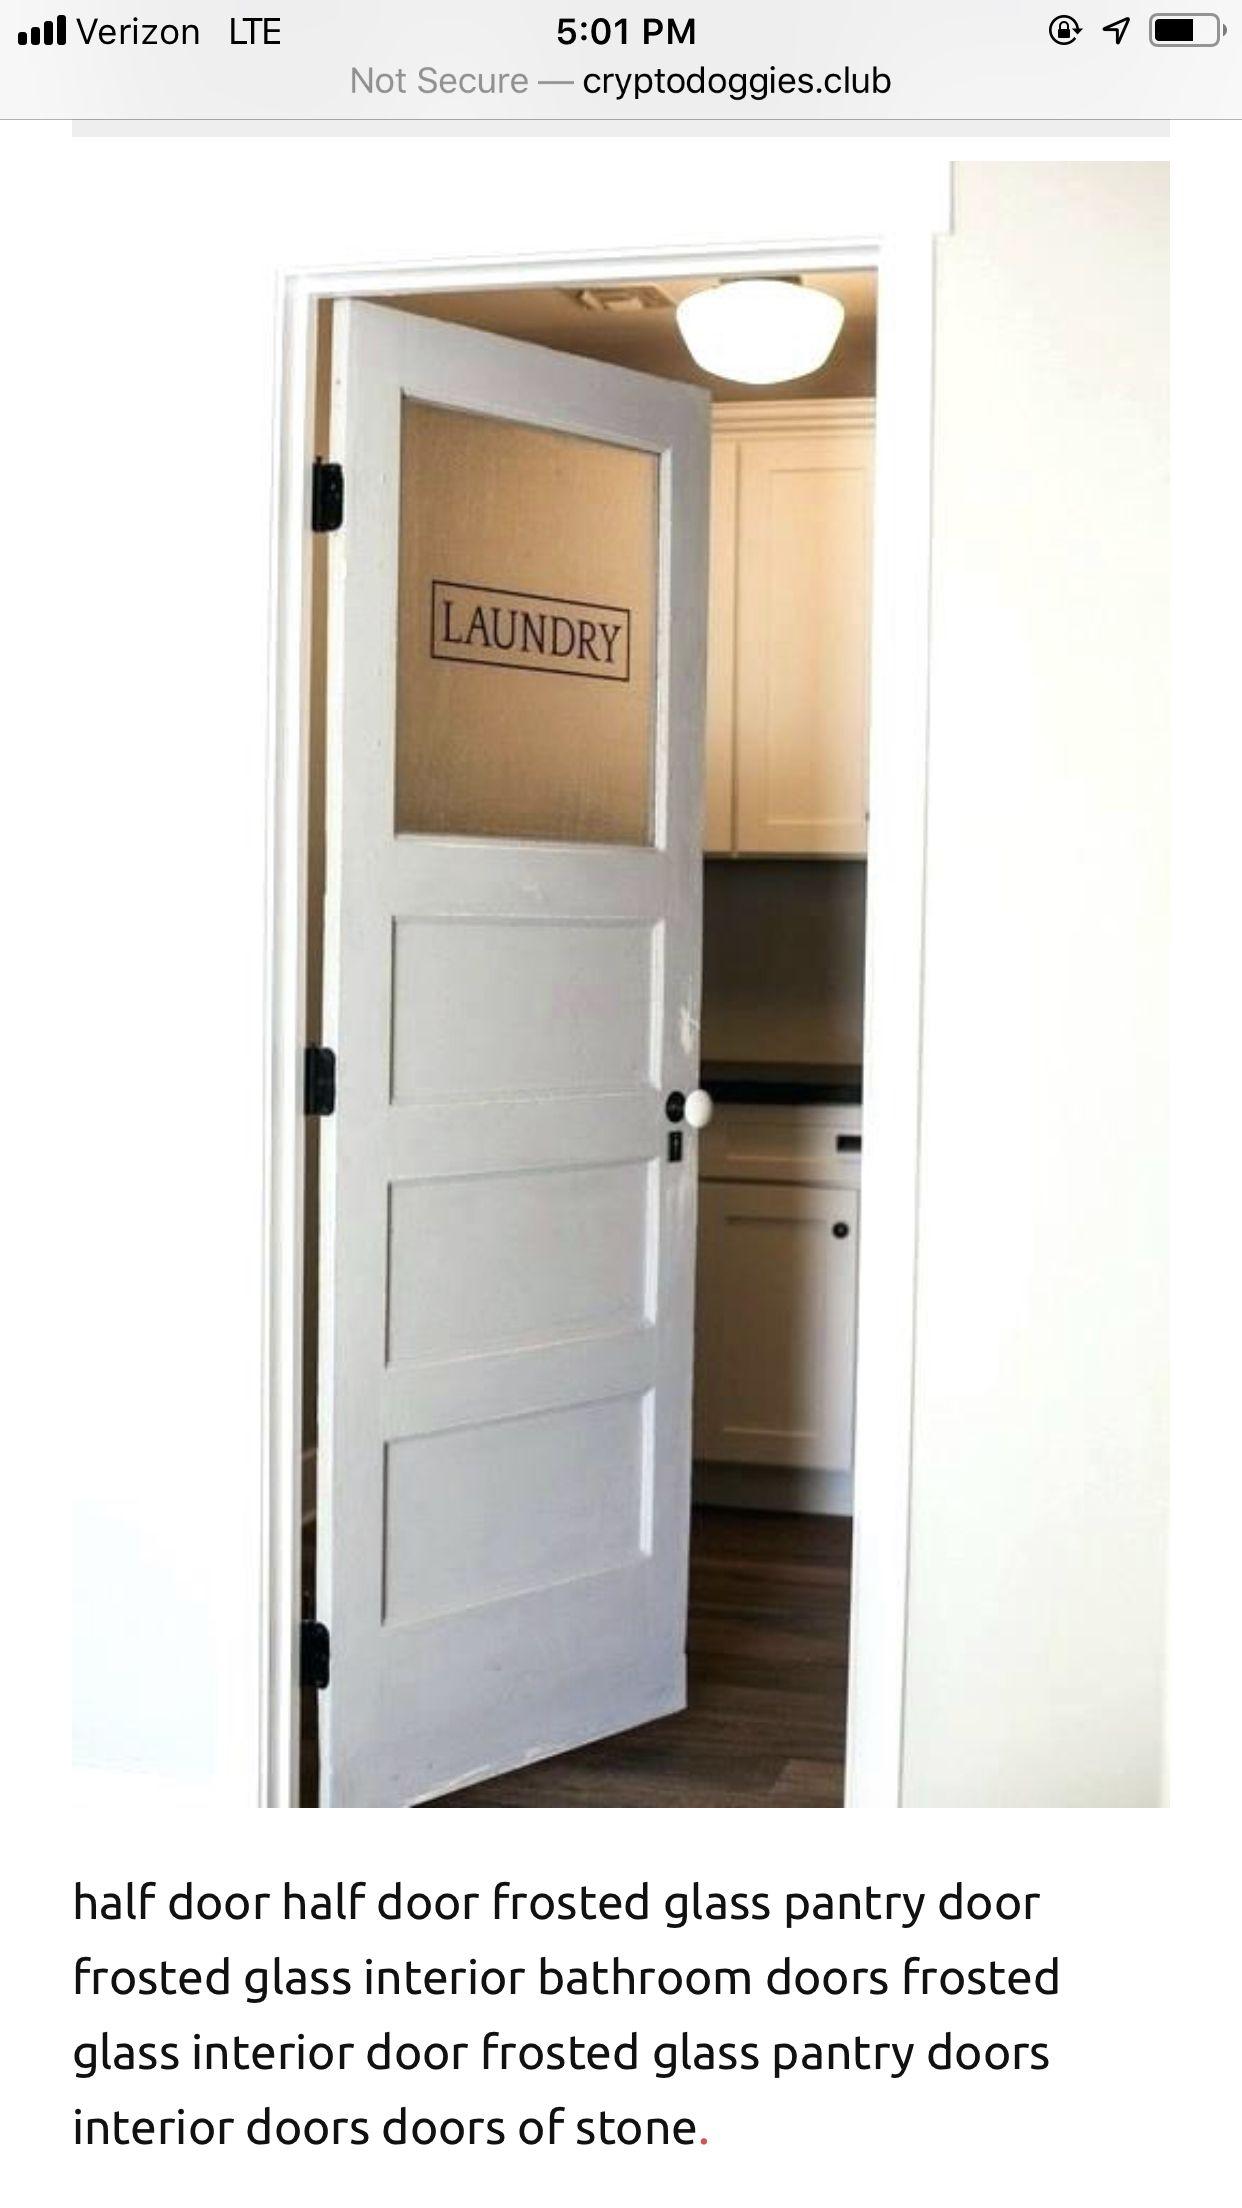 Pin By Savanaemory On Laundry Laundry Doors Laundry Room Doors